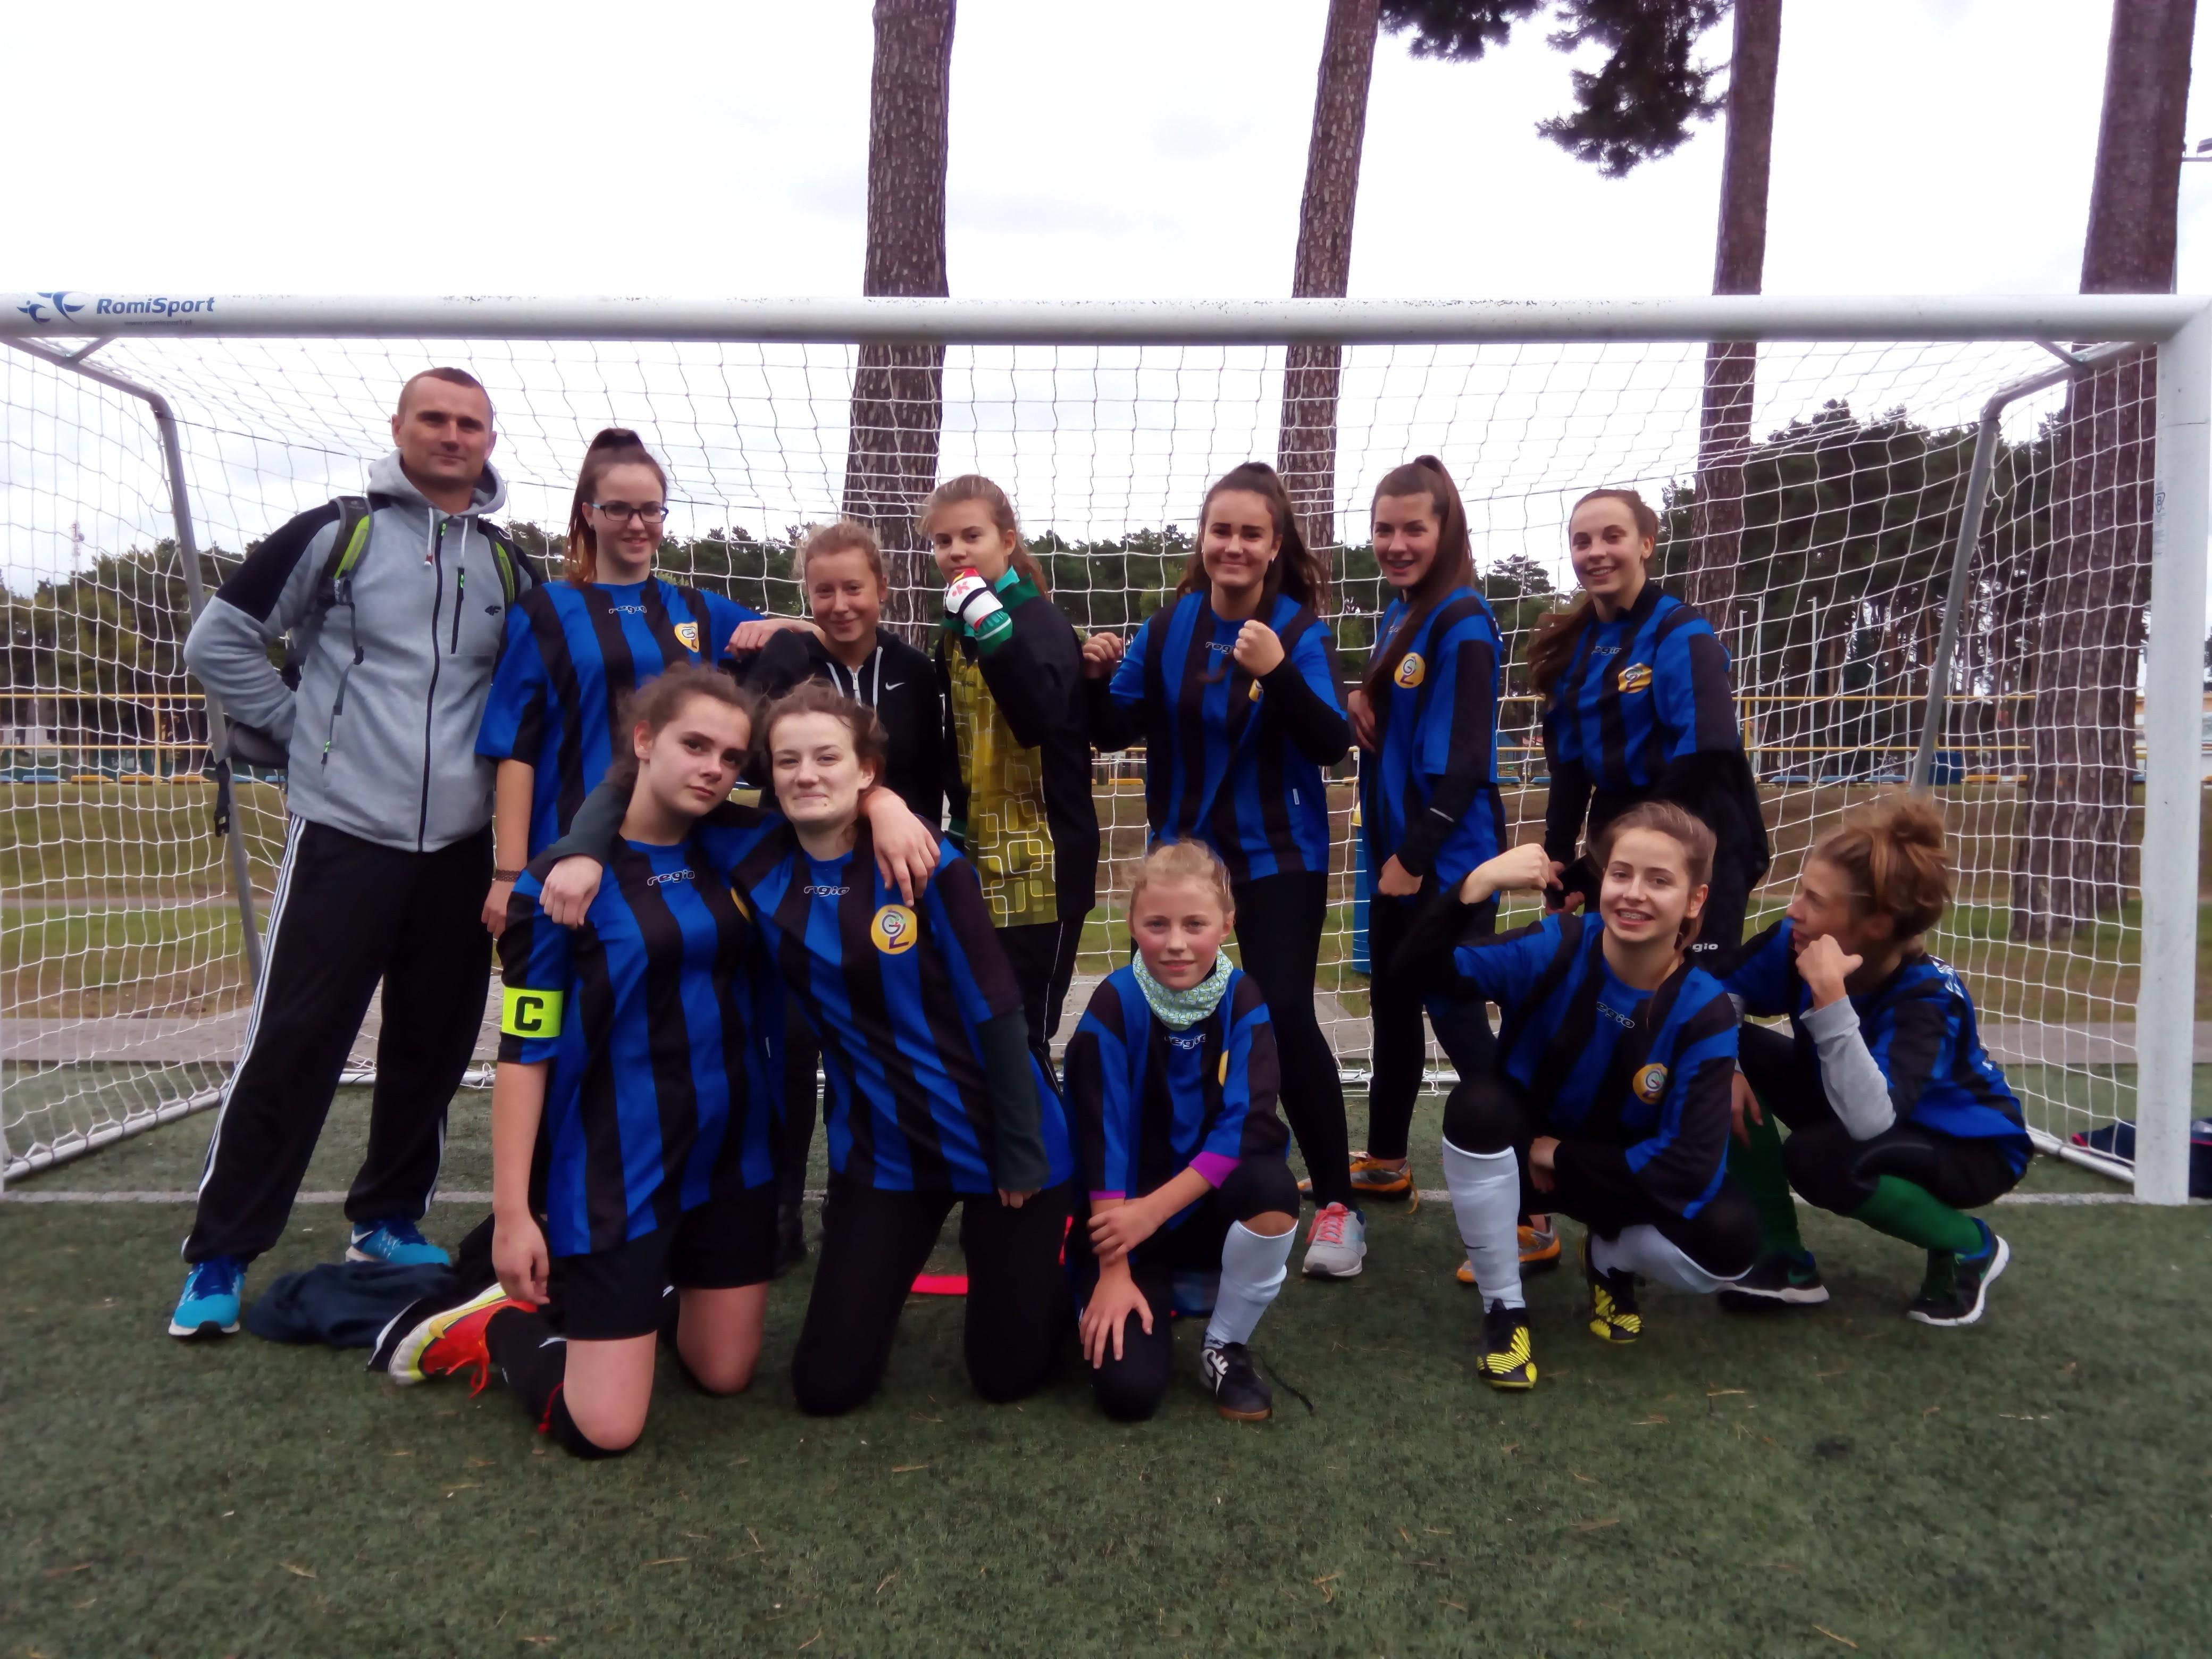 Złote Mistrzostwa Gminy w Piłce Nożnej dla SP 5 w Goleniowie